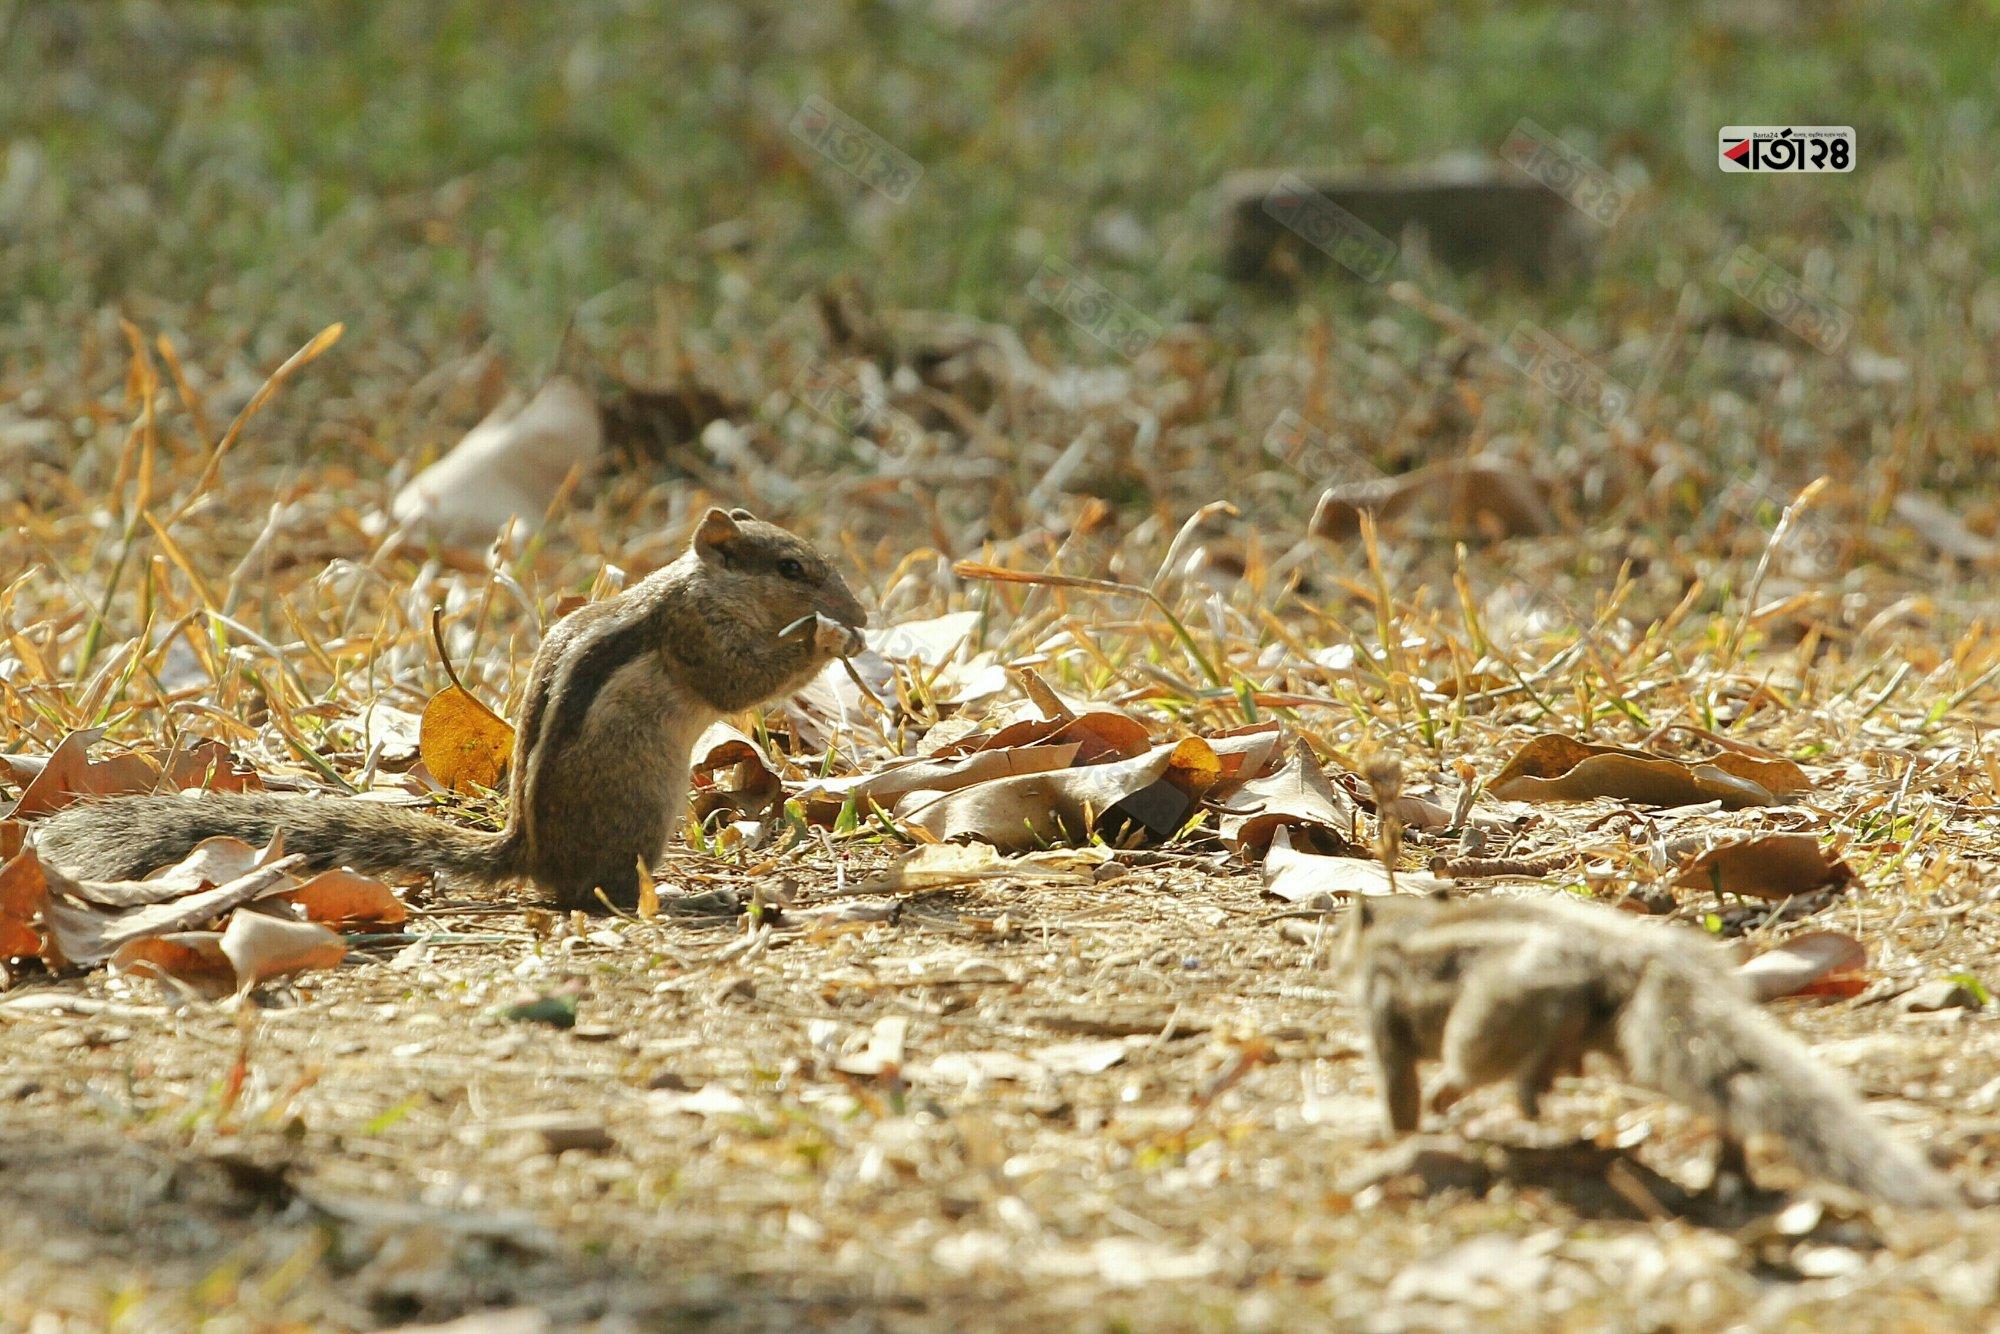 সকালের মিষ্টি রোদে গাছ থেকে নেমে খাবার খেতে ব্যস্ত কাঠ বিড়ালি। ছবি : সুমন শেখ